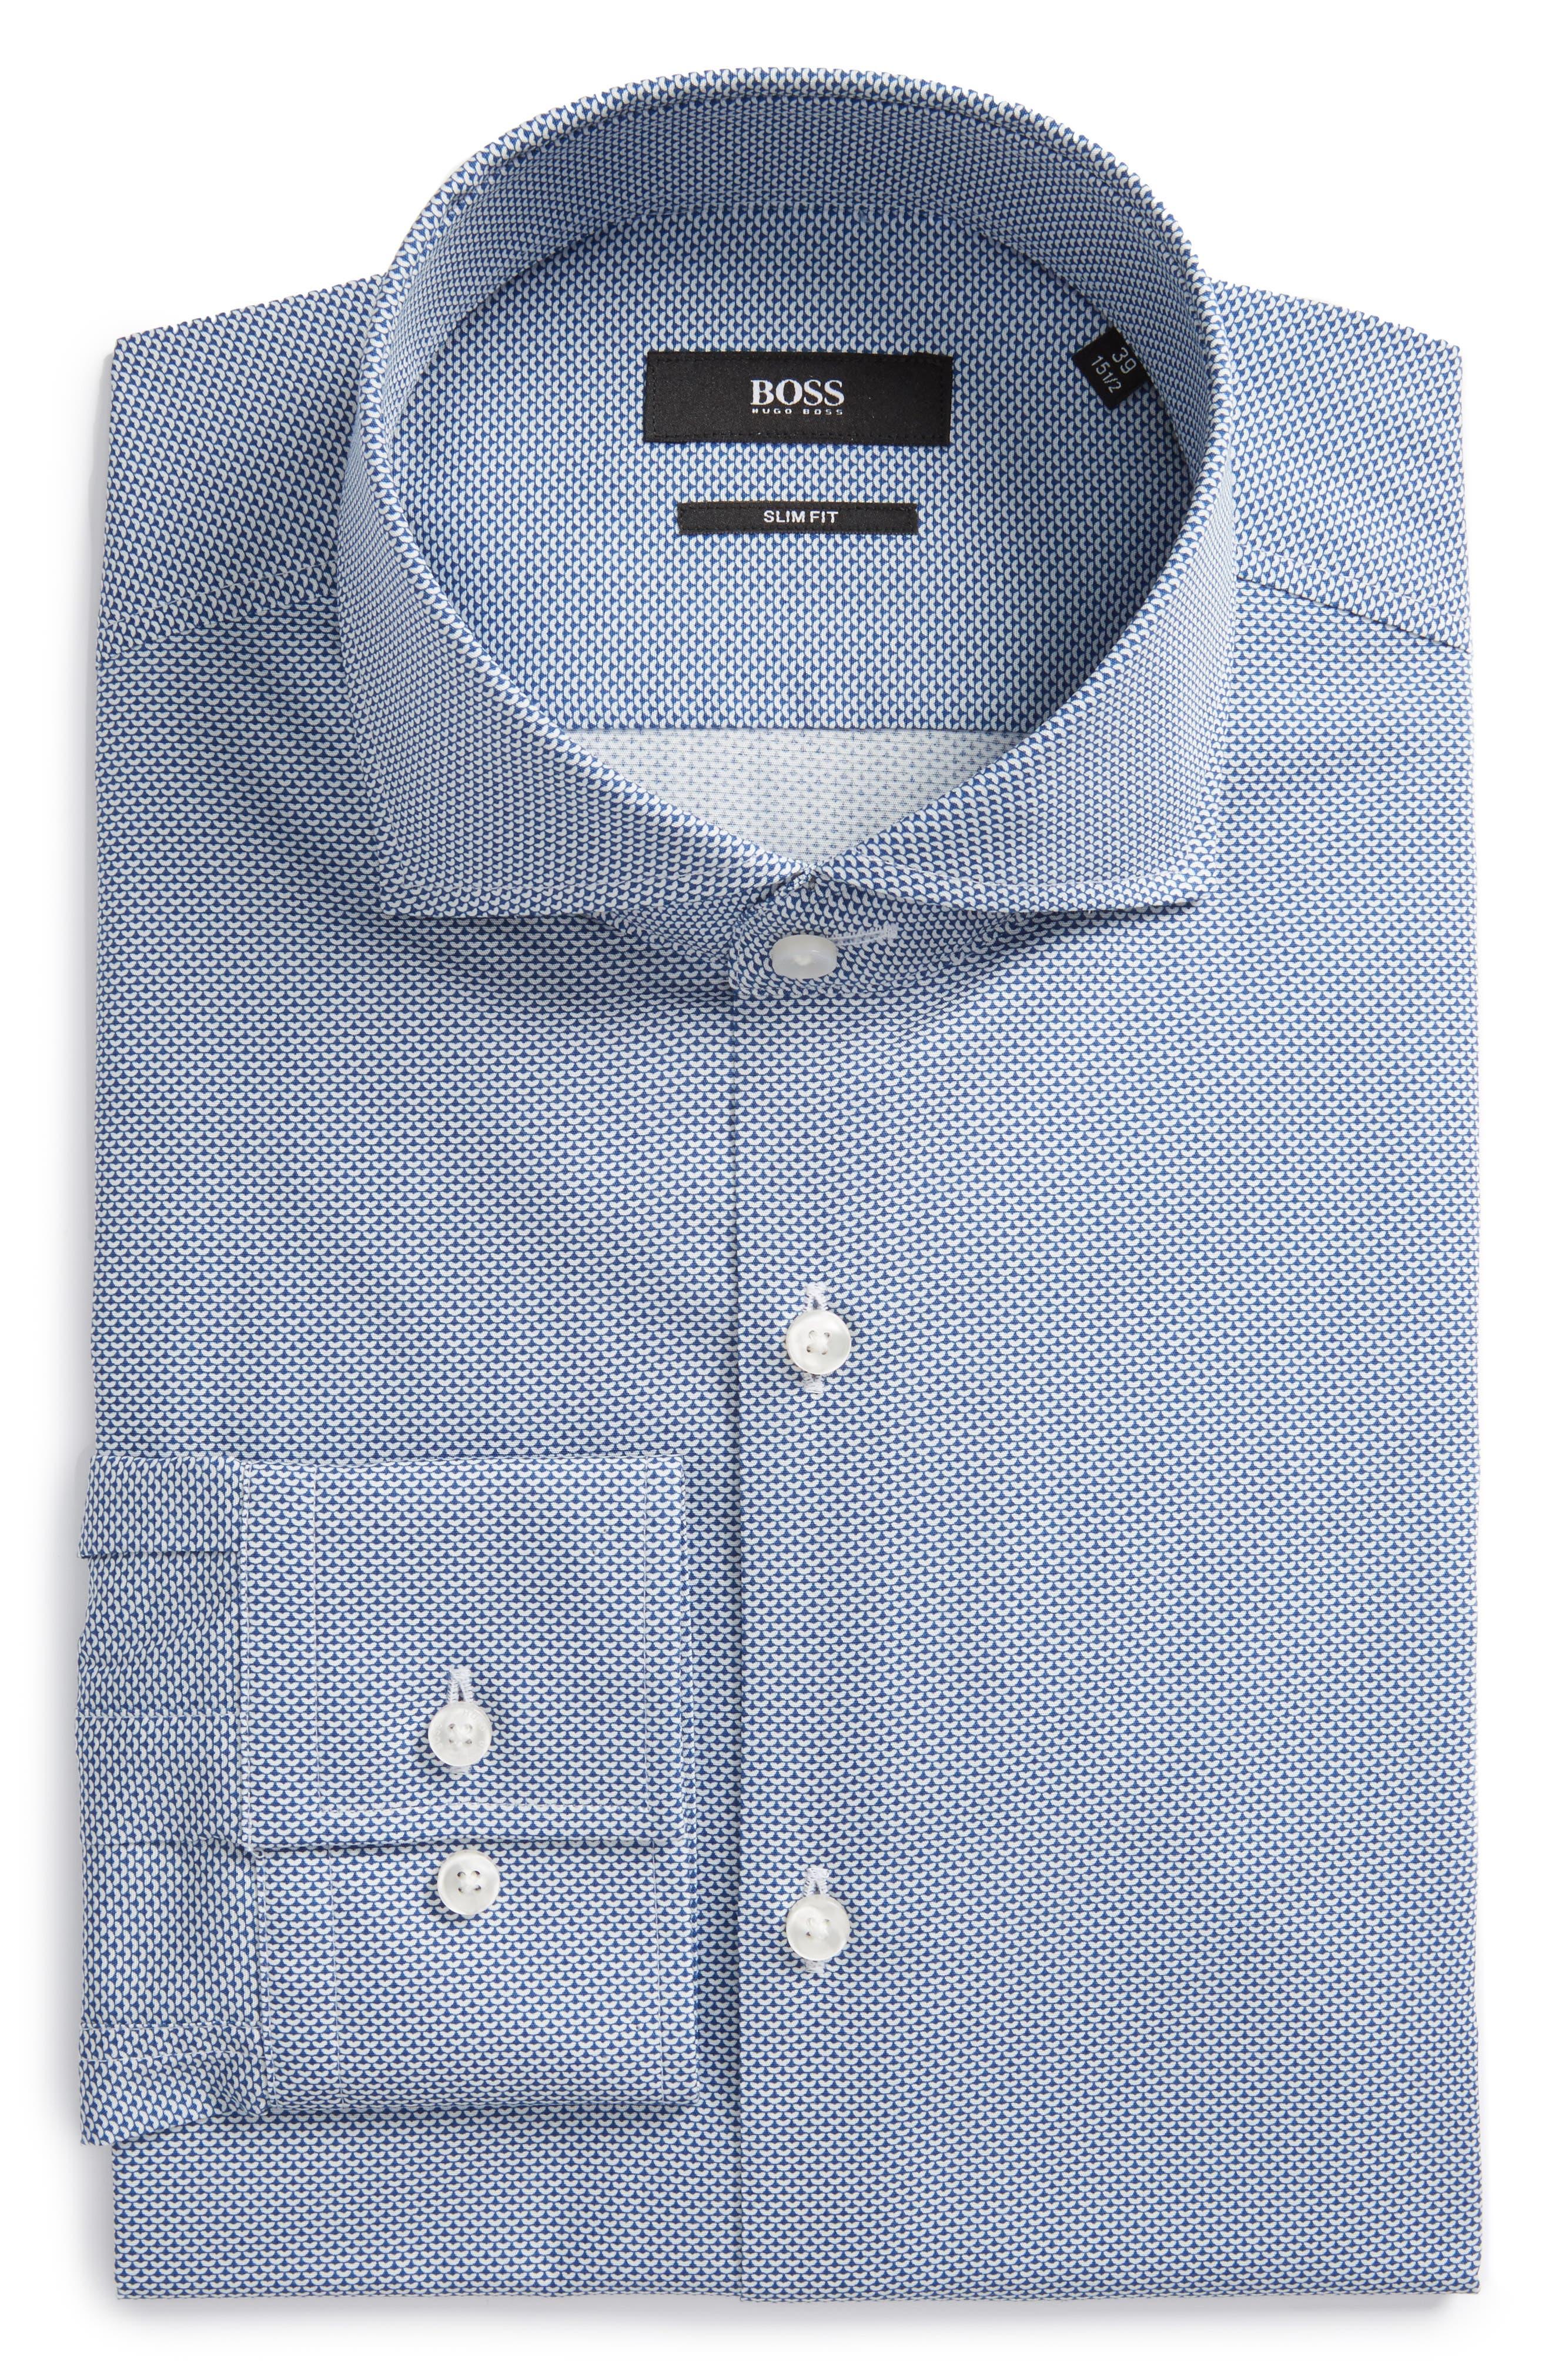 Jason Slim Fit Print Dress Shirt,                         Main,                         color,